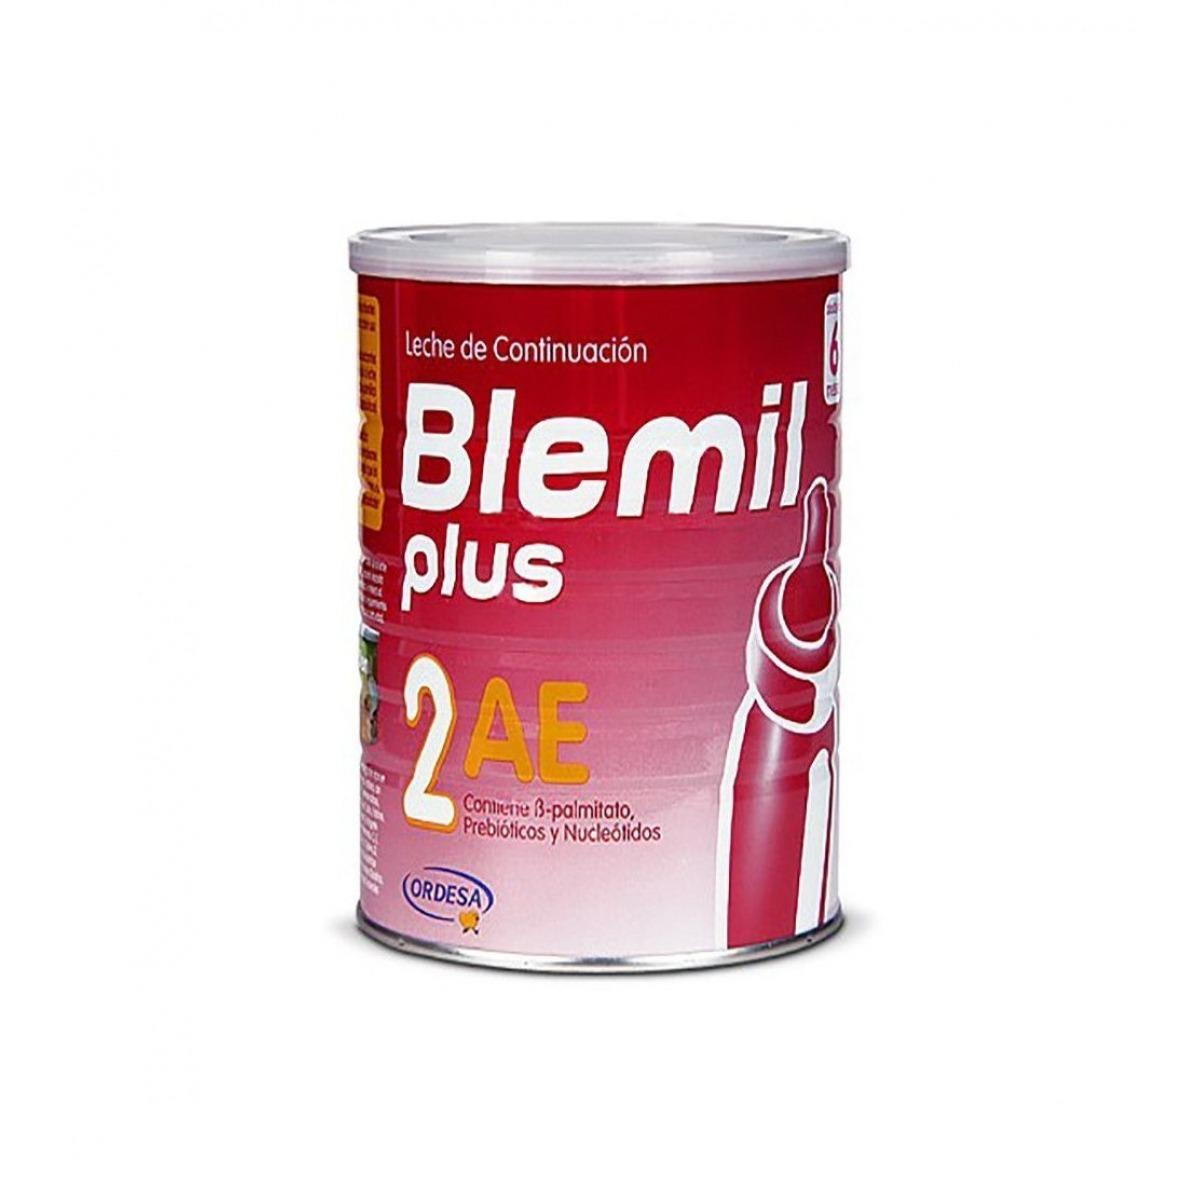 BLEMILPLUS2AE800G I1